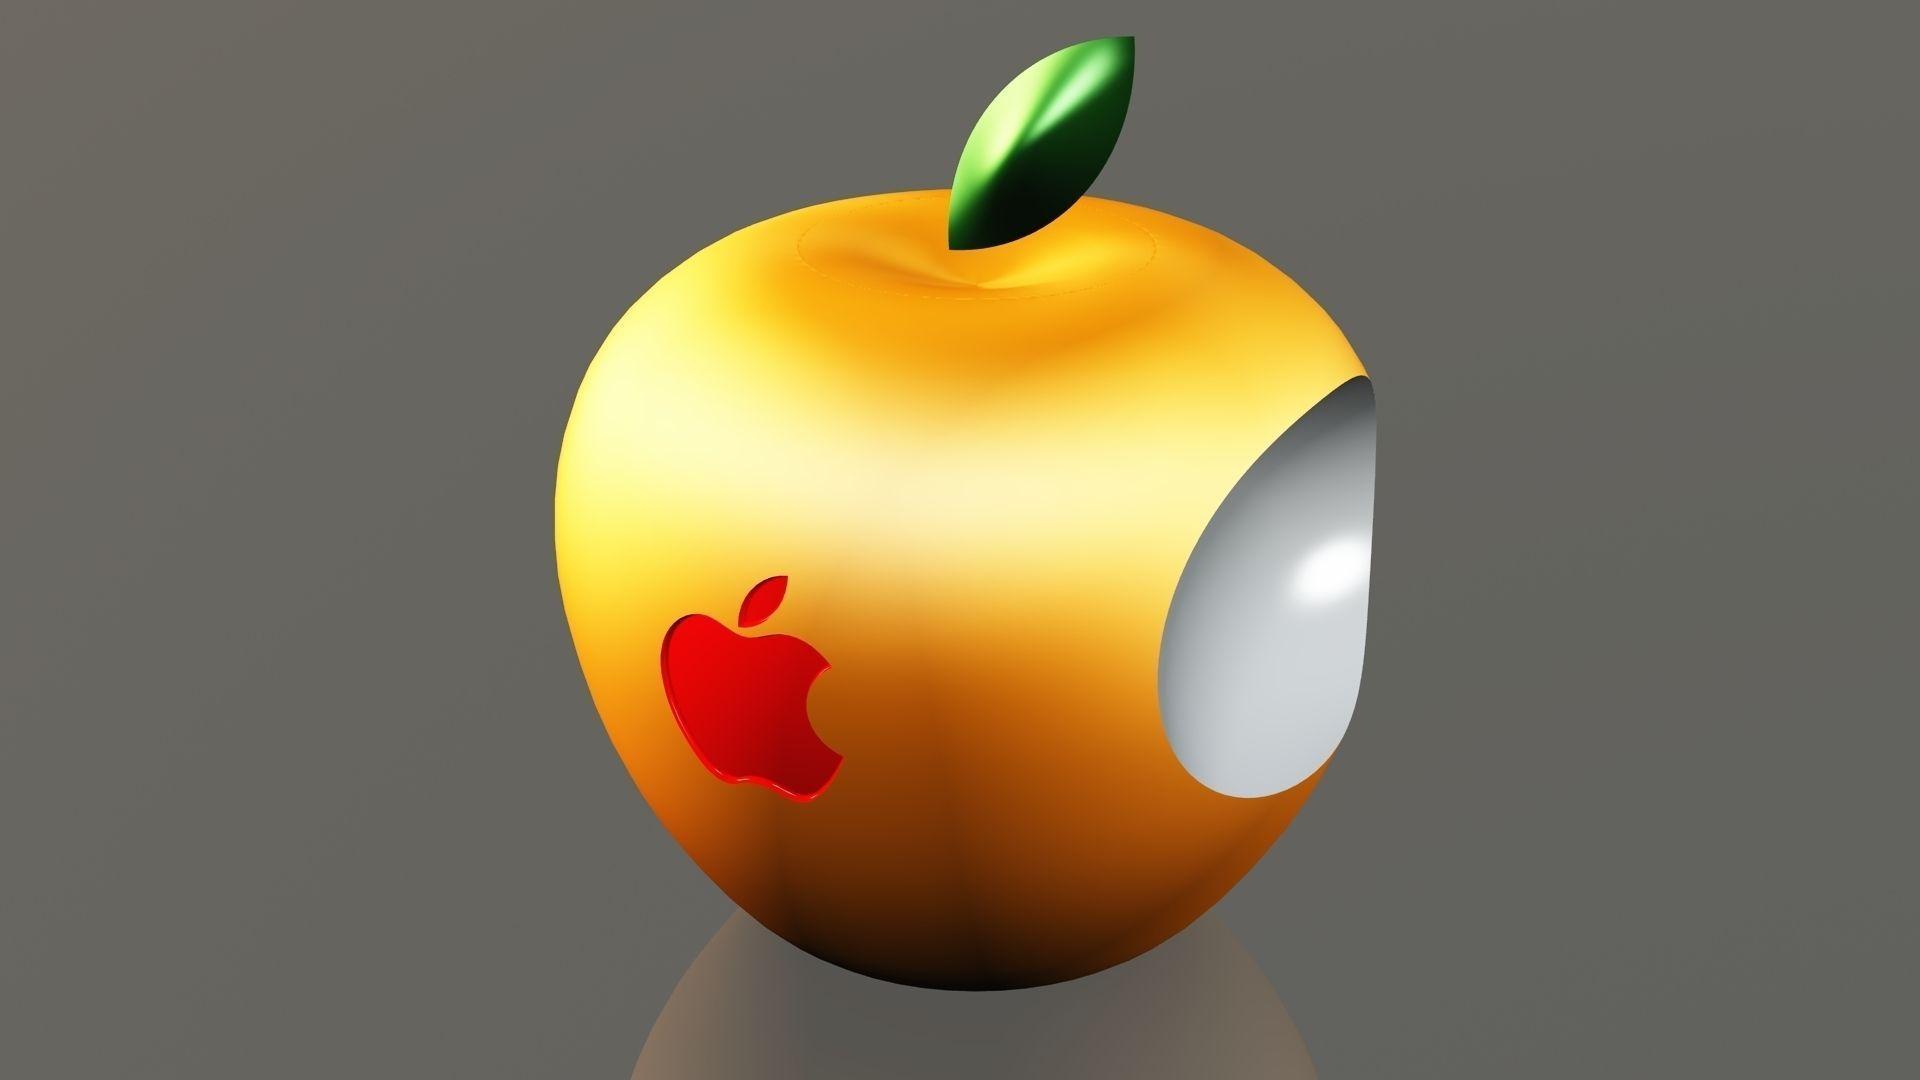 Car Brand Logos Wallpaper 3d Apple Logo Free 3d Model 3d Printable Stl Dwg Sldprt